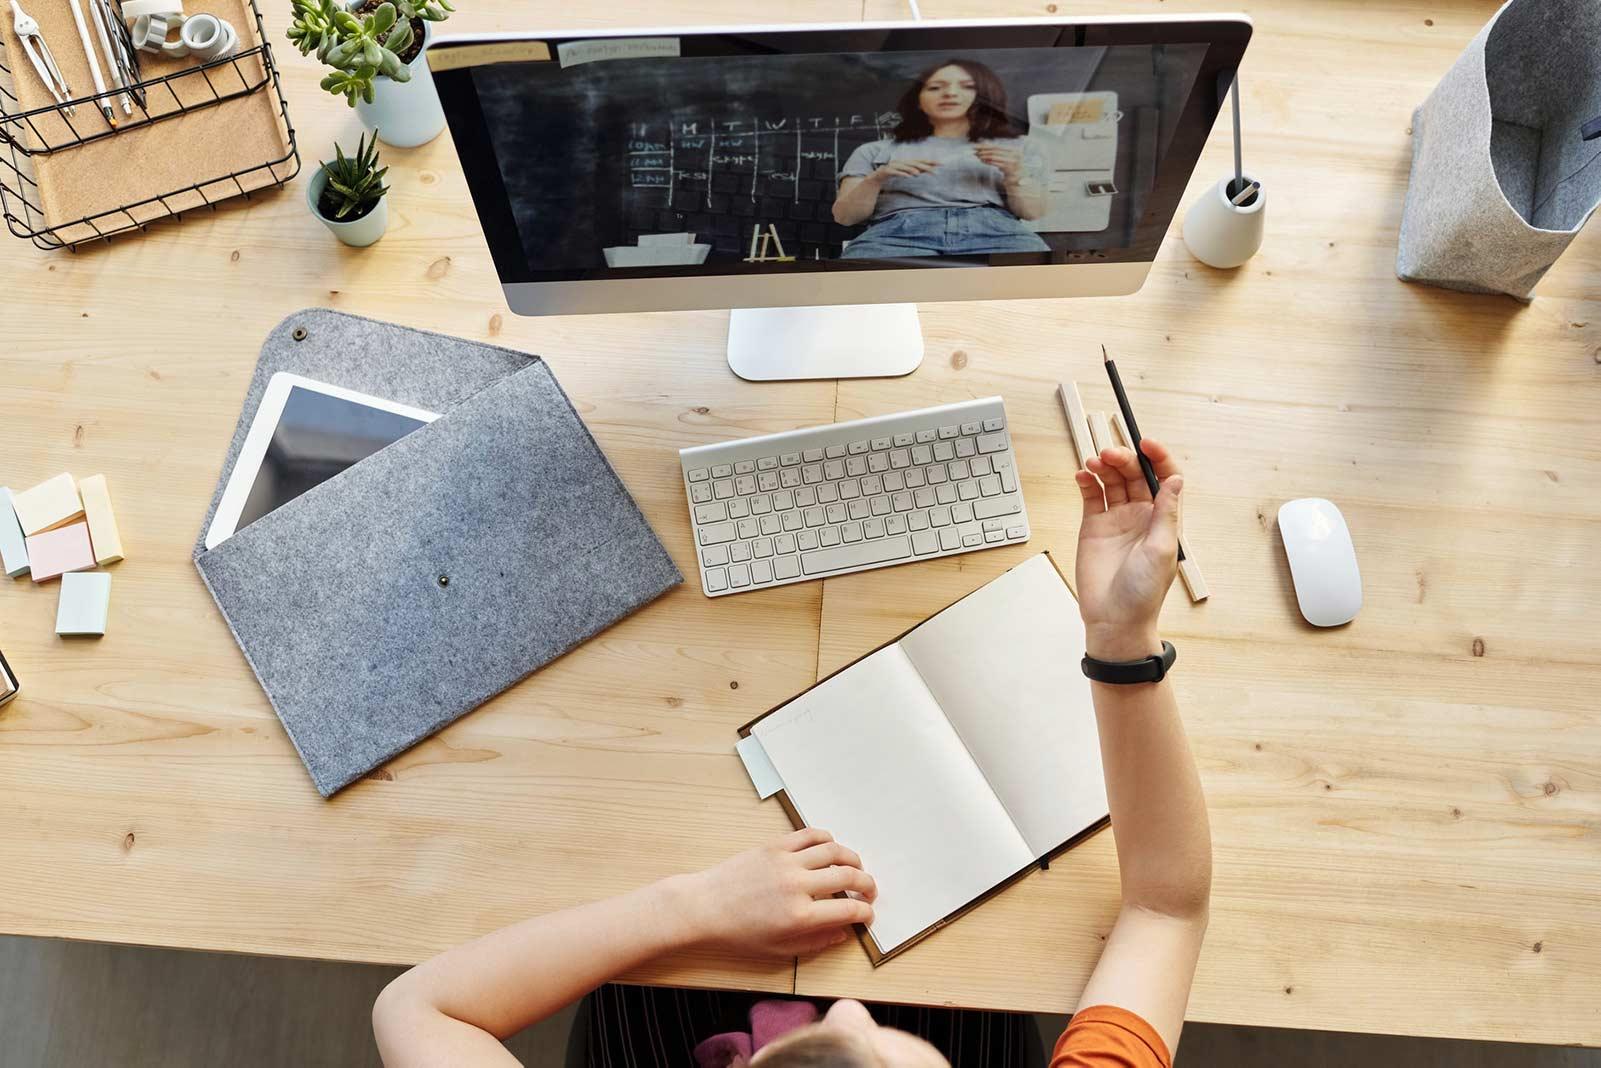 I corsi estivi online proposti da FormadHoc: ragazzi e adulti.